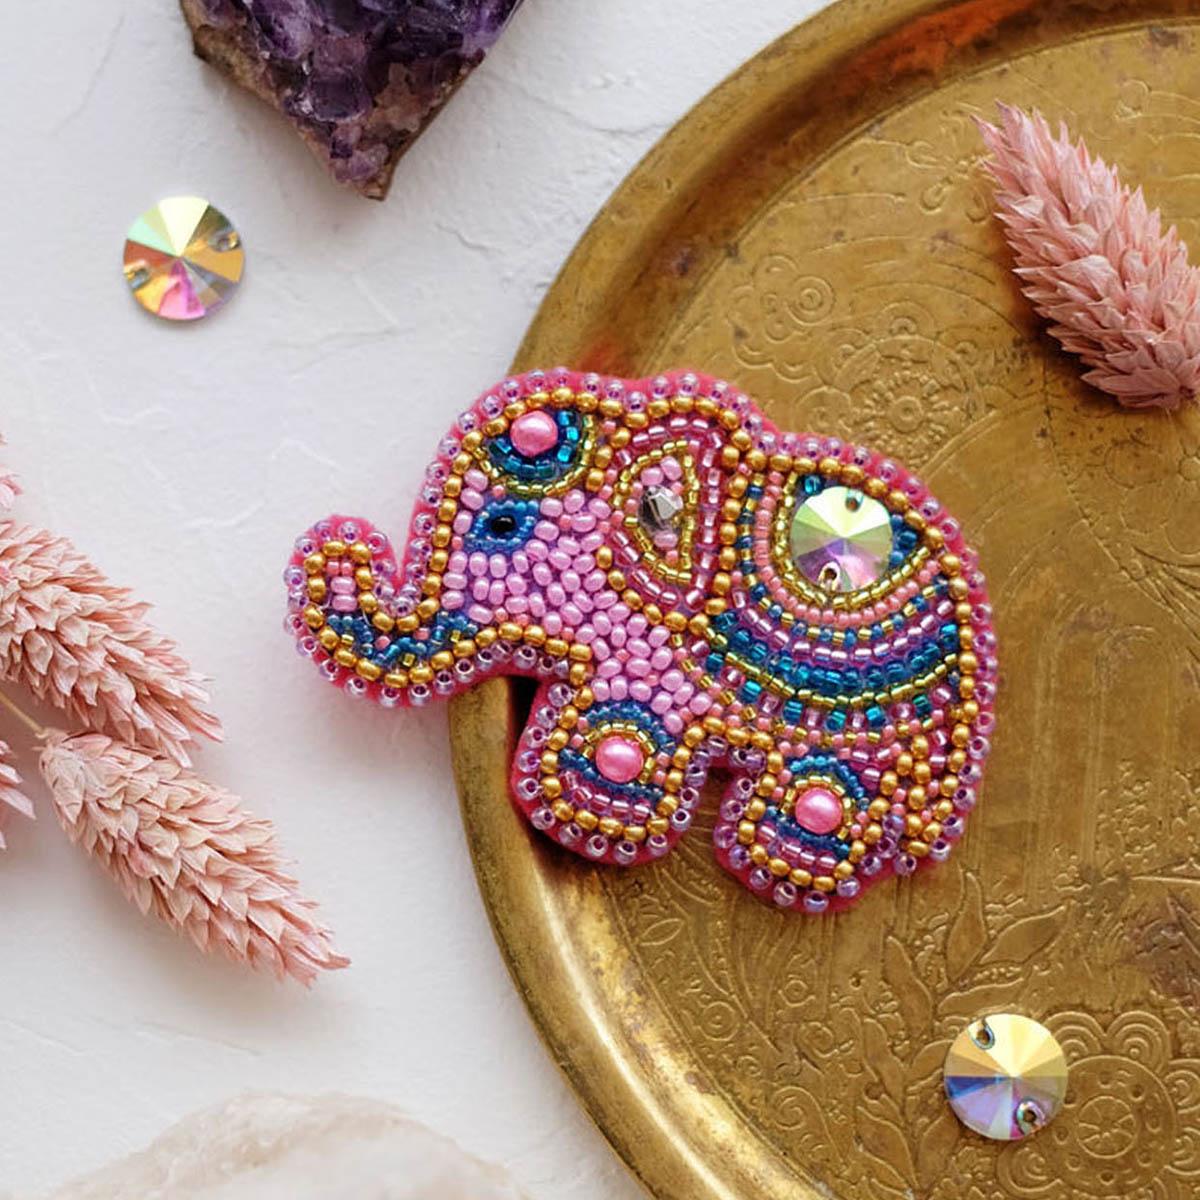 АД-038 Набор для вышивки бисером украшения на натур. художественном холсте 'Розовый слоненок'6,8*4,7см